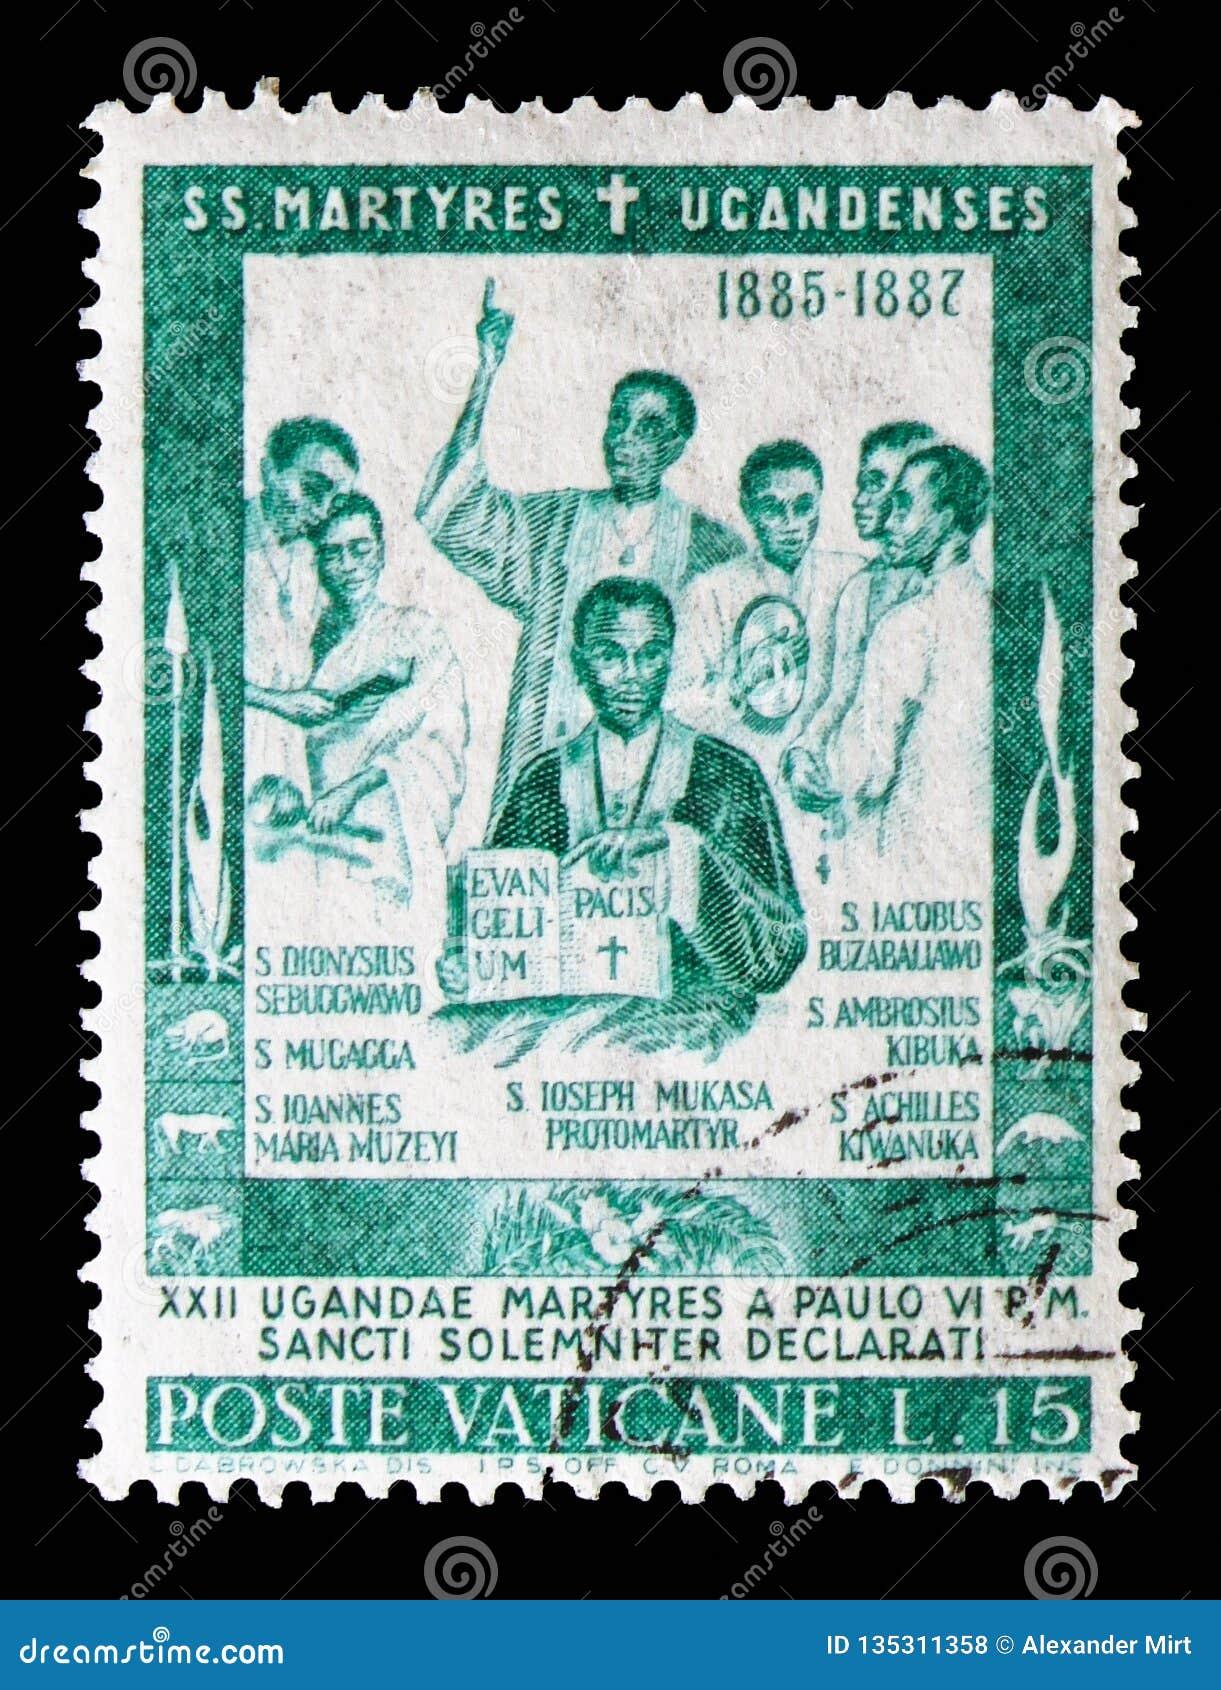 St Joseph Moussaka, consagração dos mártir do serie de Uganda, cerca de 1965